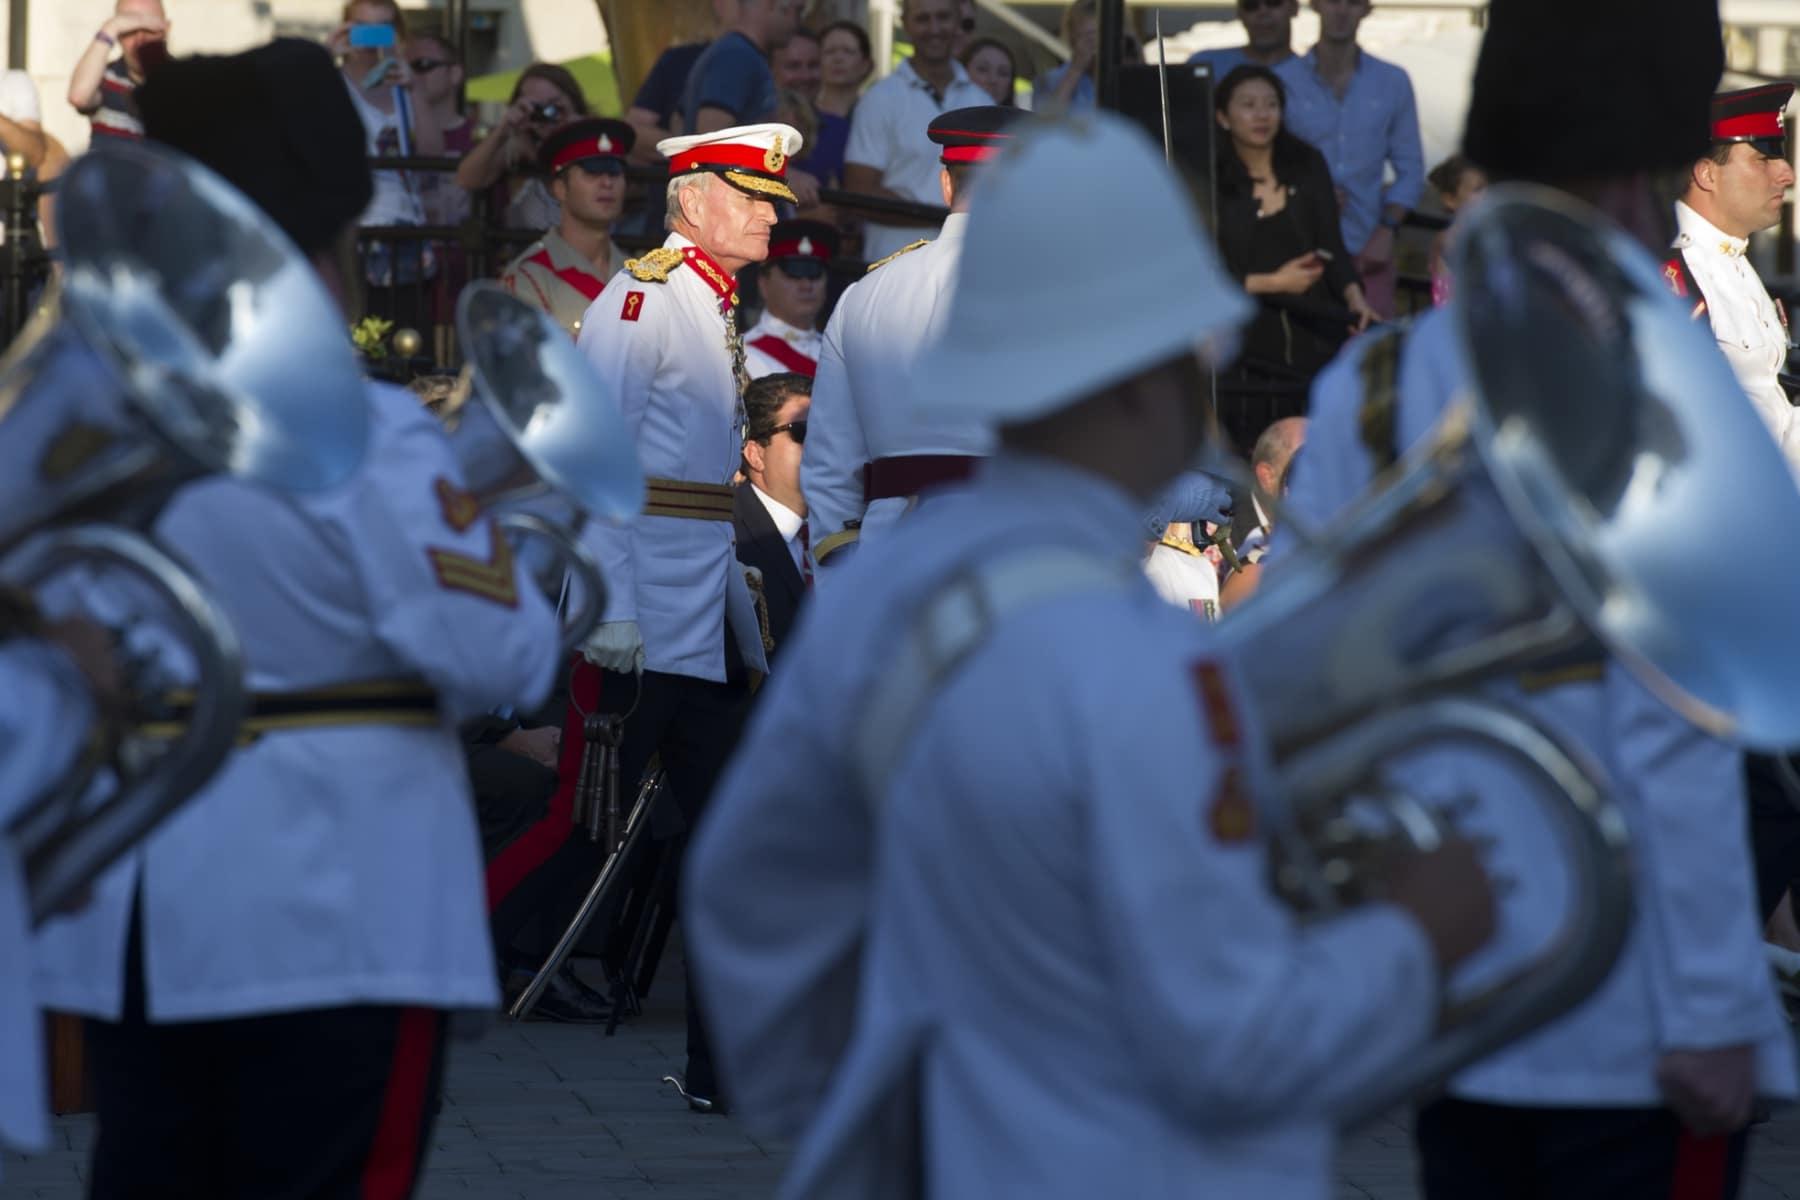 ceremonia-de-las-llaves-gibraltar-25092014-06_15357849985_o